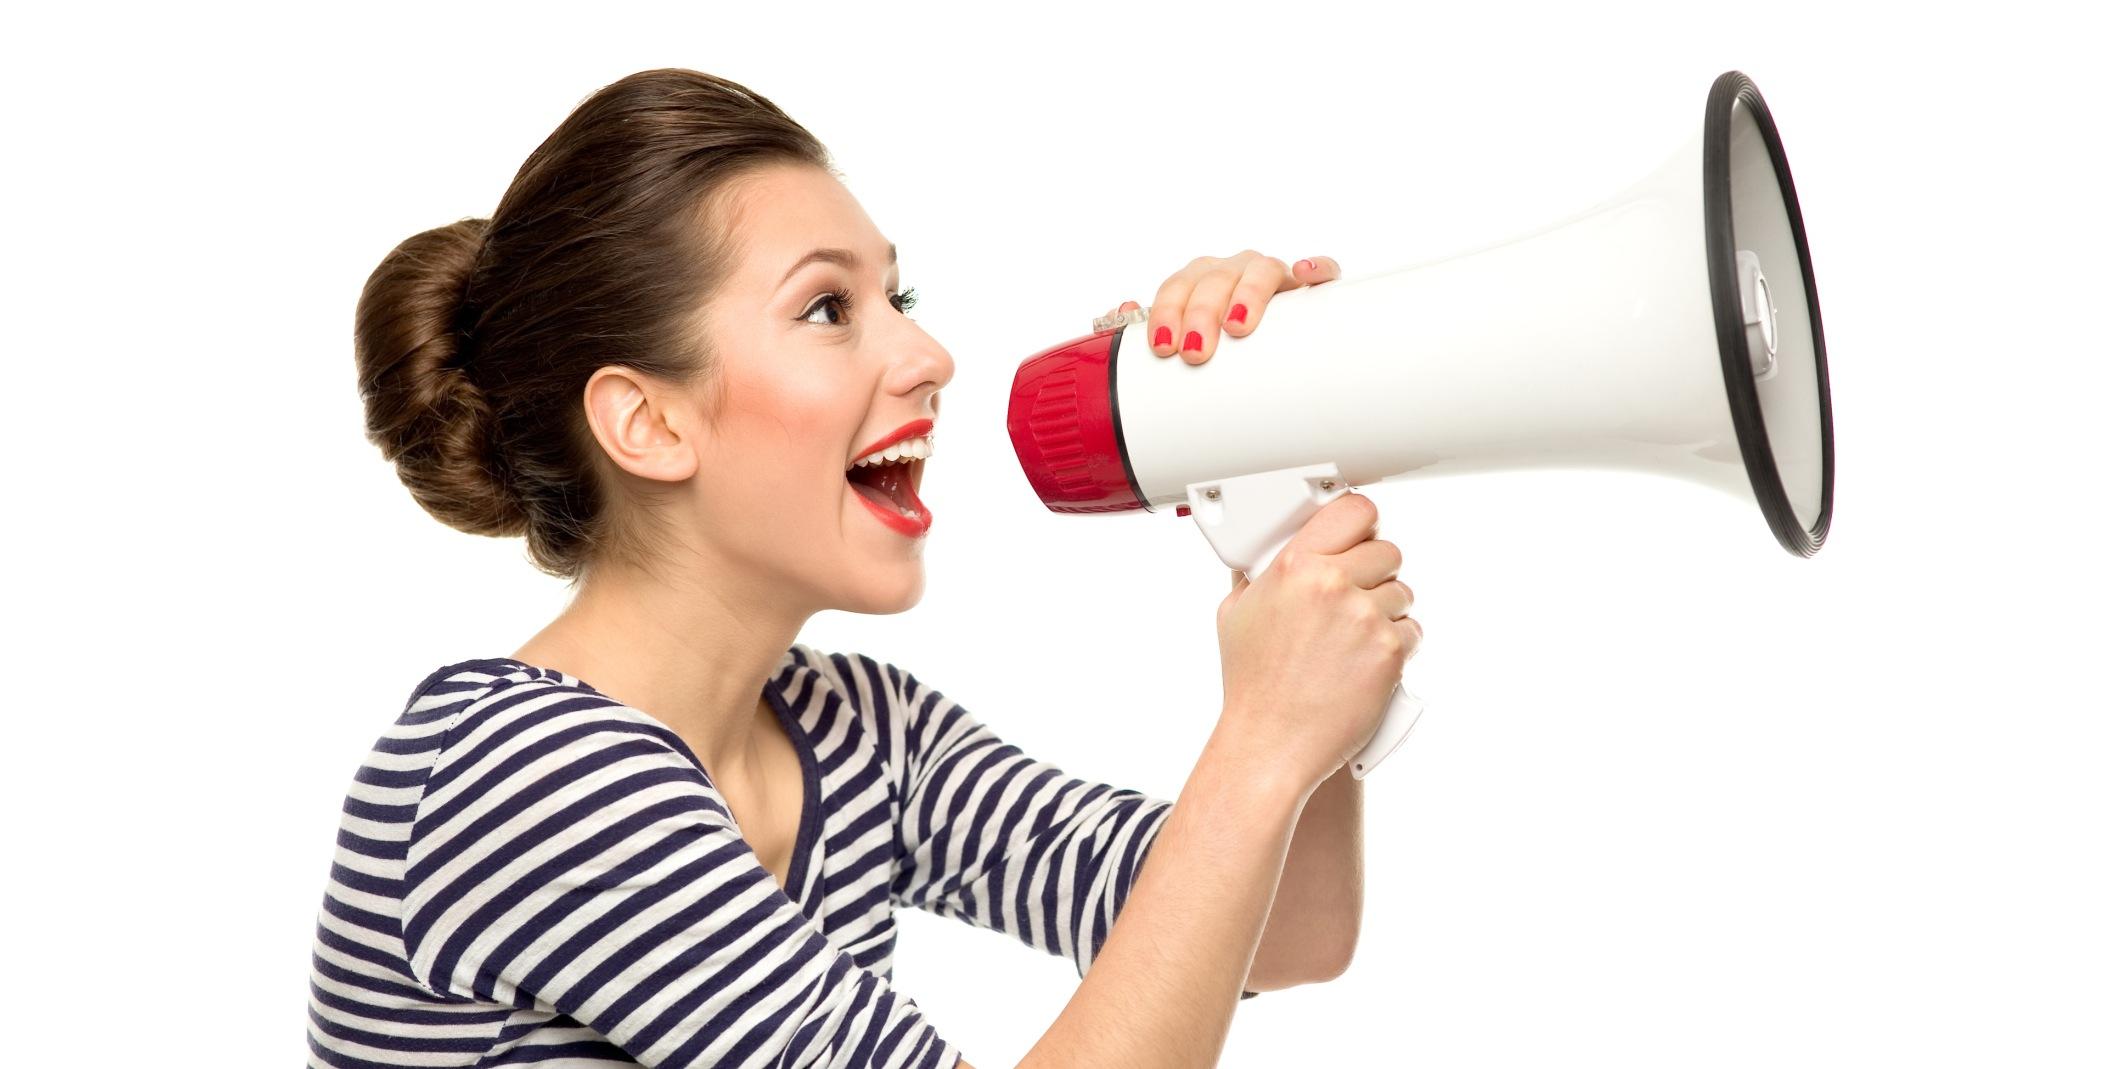 10 Dicas Práticas de Como Influenciar Pessoas Compartilhando Conteúdo